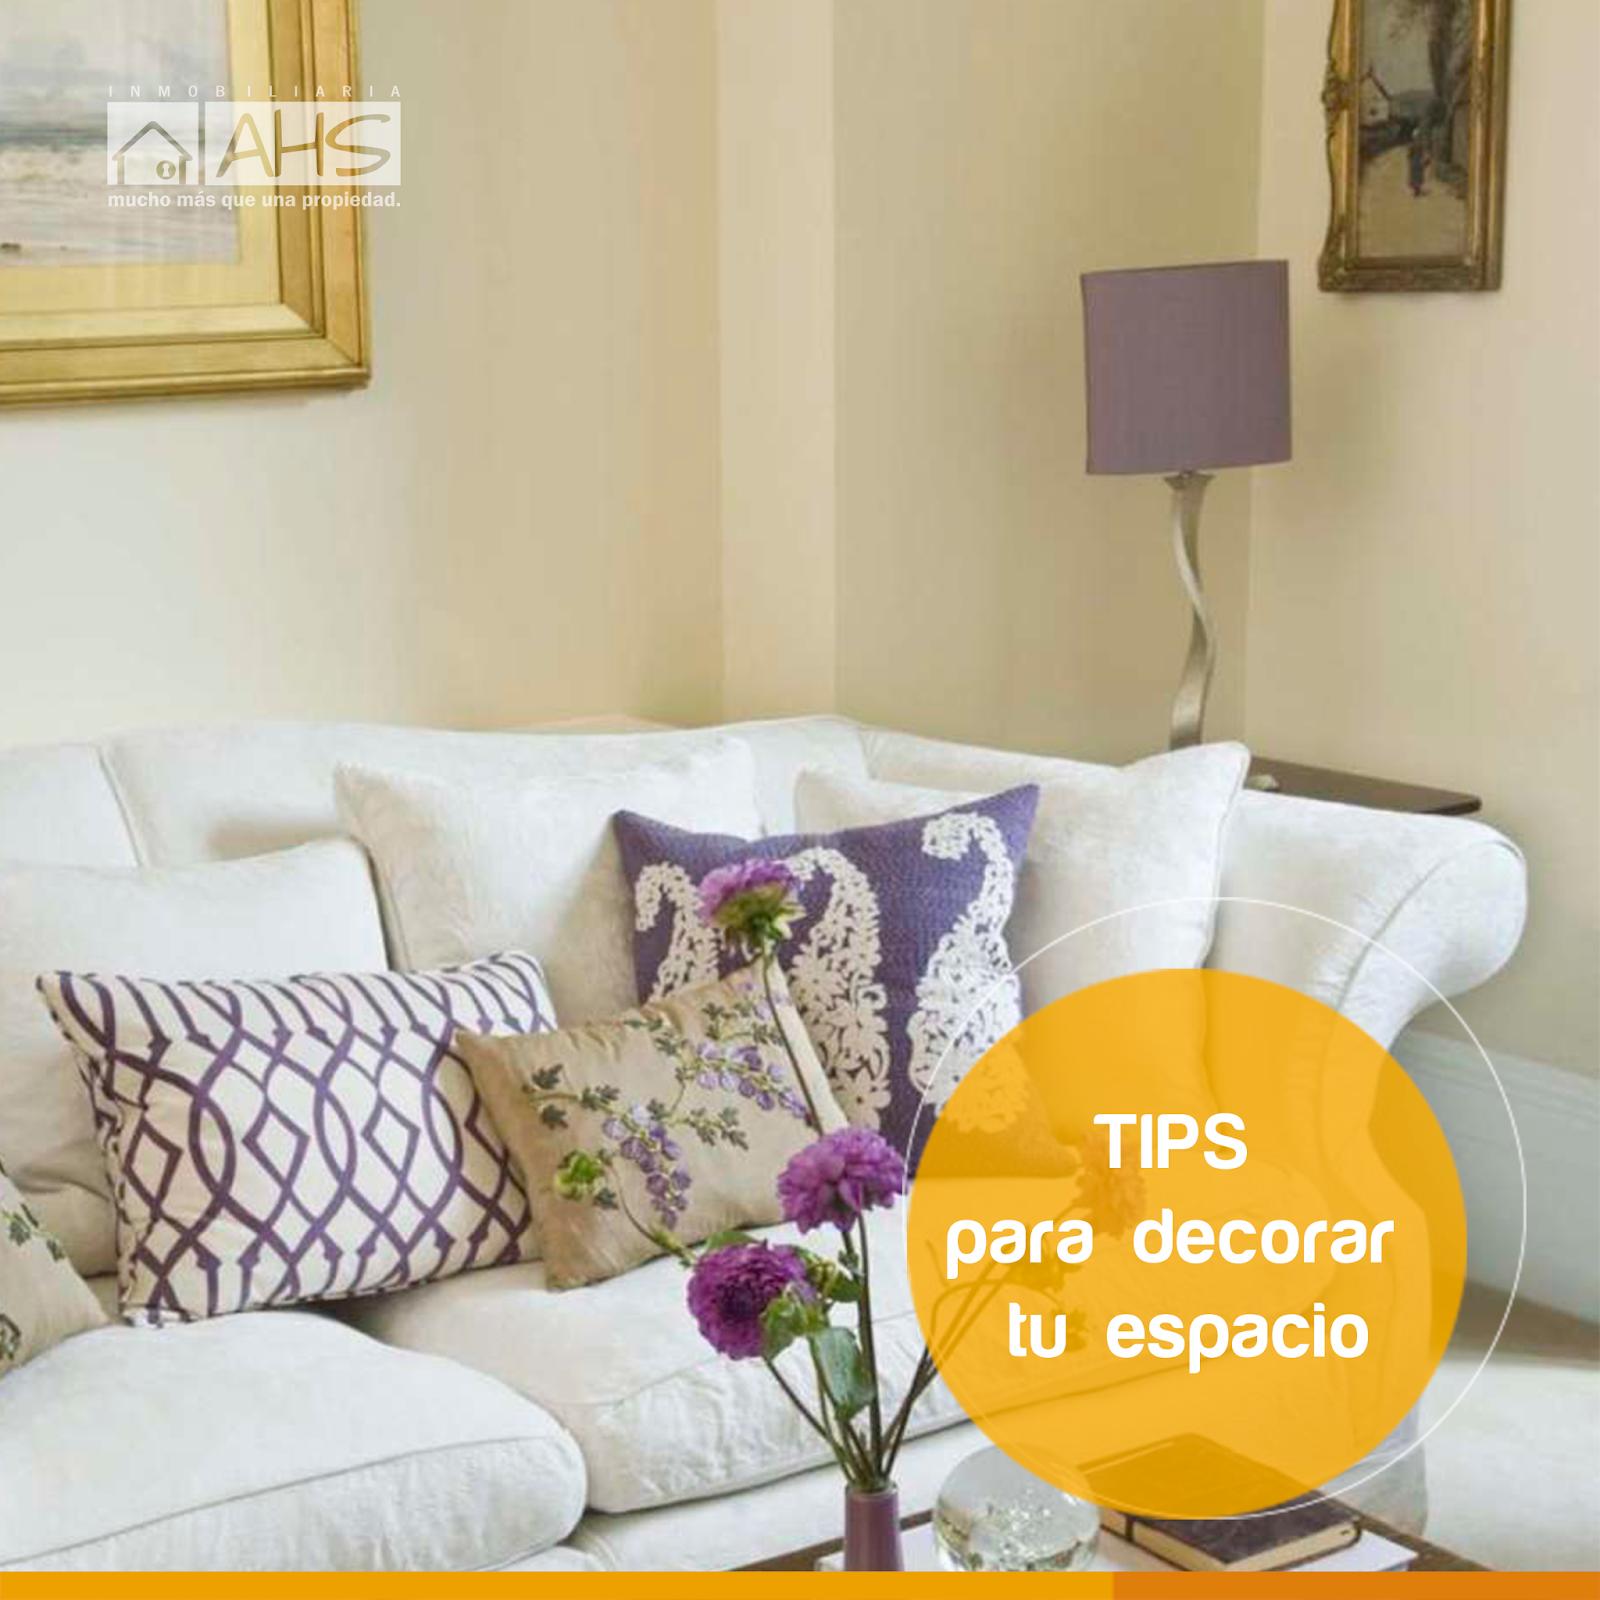 Tips para una buena decoraci n de interiores ahs for Tips de decoracion de interiores